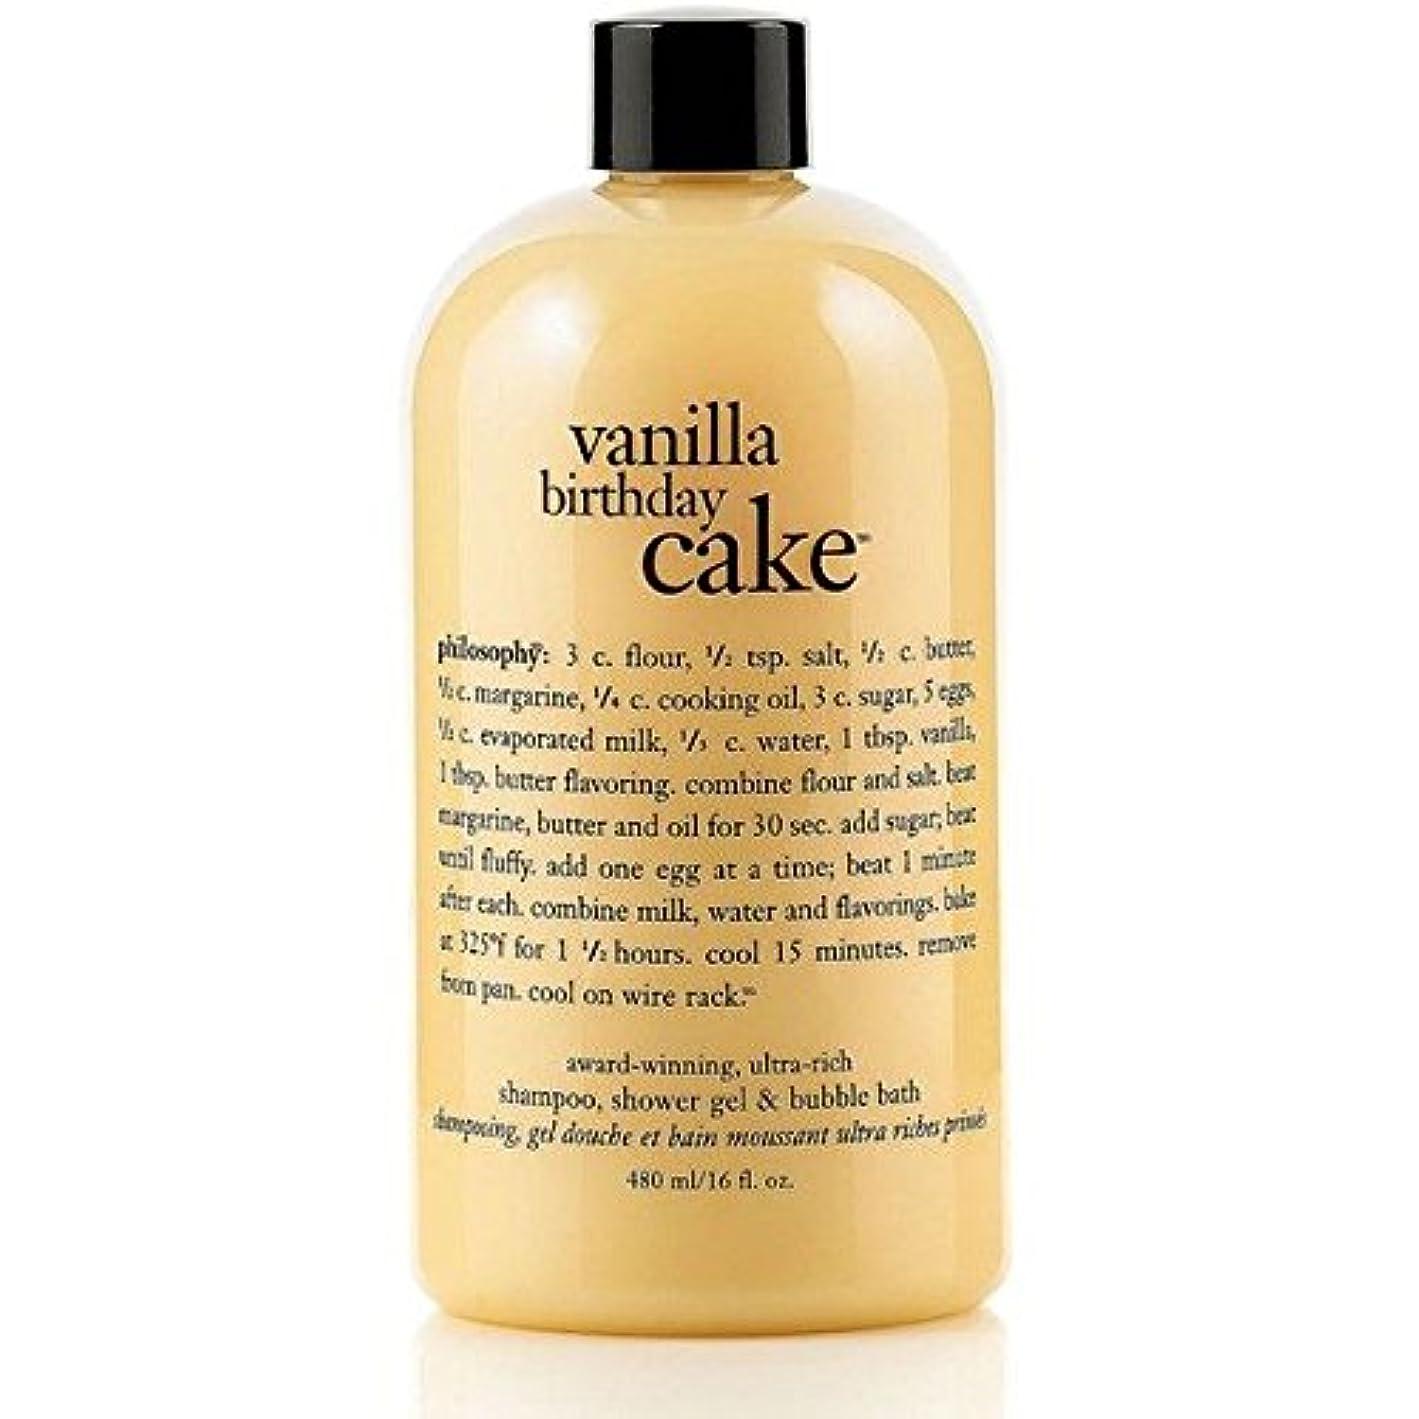 リズミカルな振る乱雑なフィロソフィー バニラ バースデー ケーキ シャワージェル 480ml PHILOSOPHY VANILLA BIRTHDAY CAKE SHOWER GEL [並行輸入品]